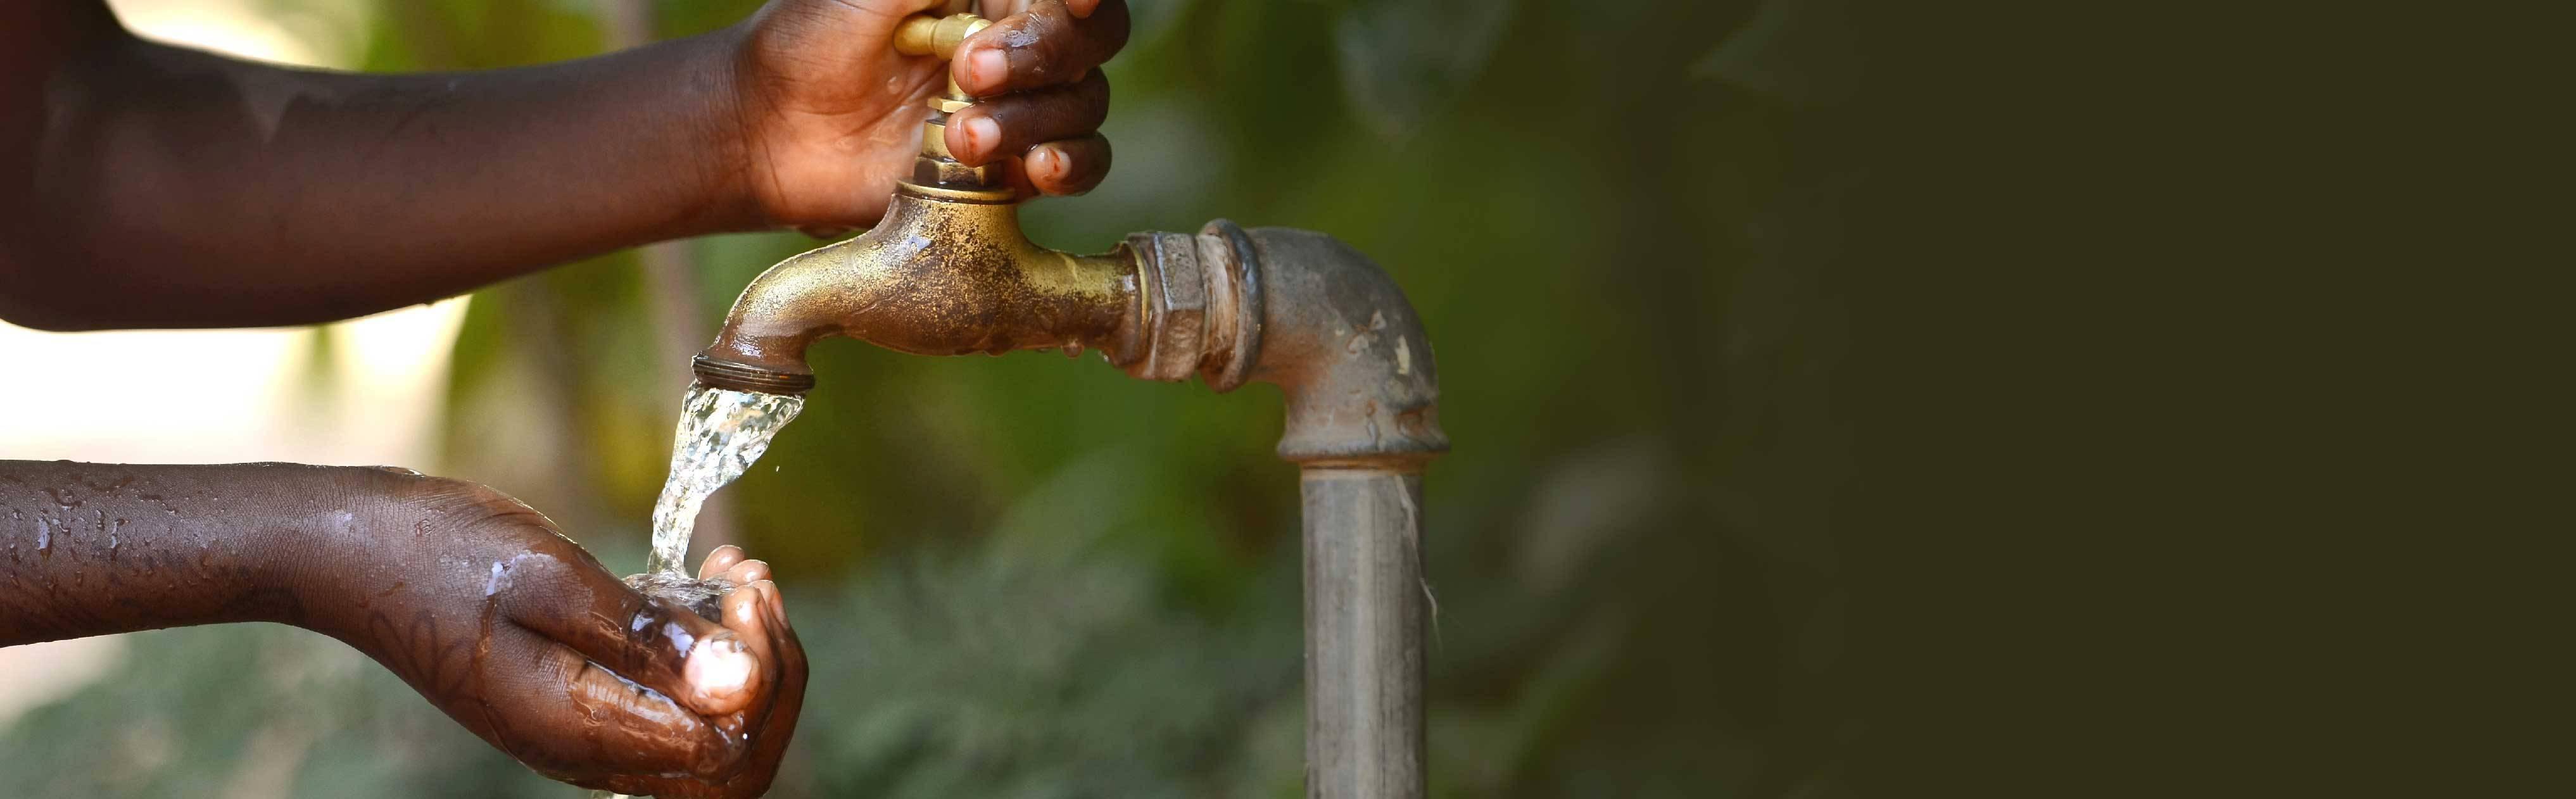 Eén verkocht Oolaboo-product staat gelijk aan 1 liter schoon drinkwater